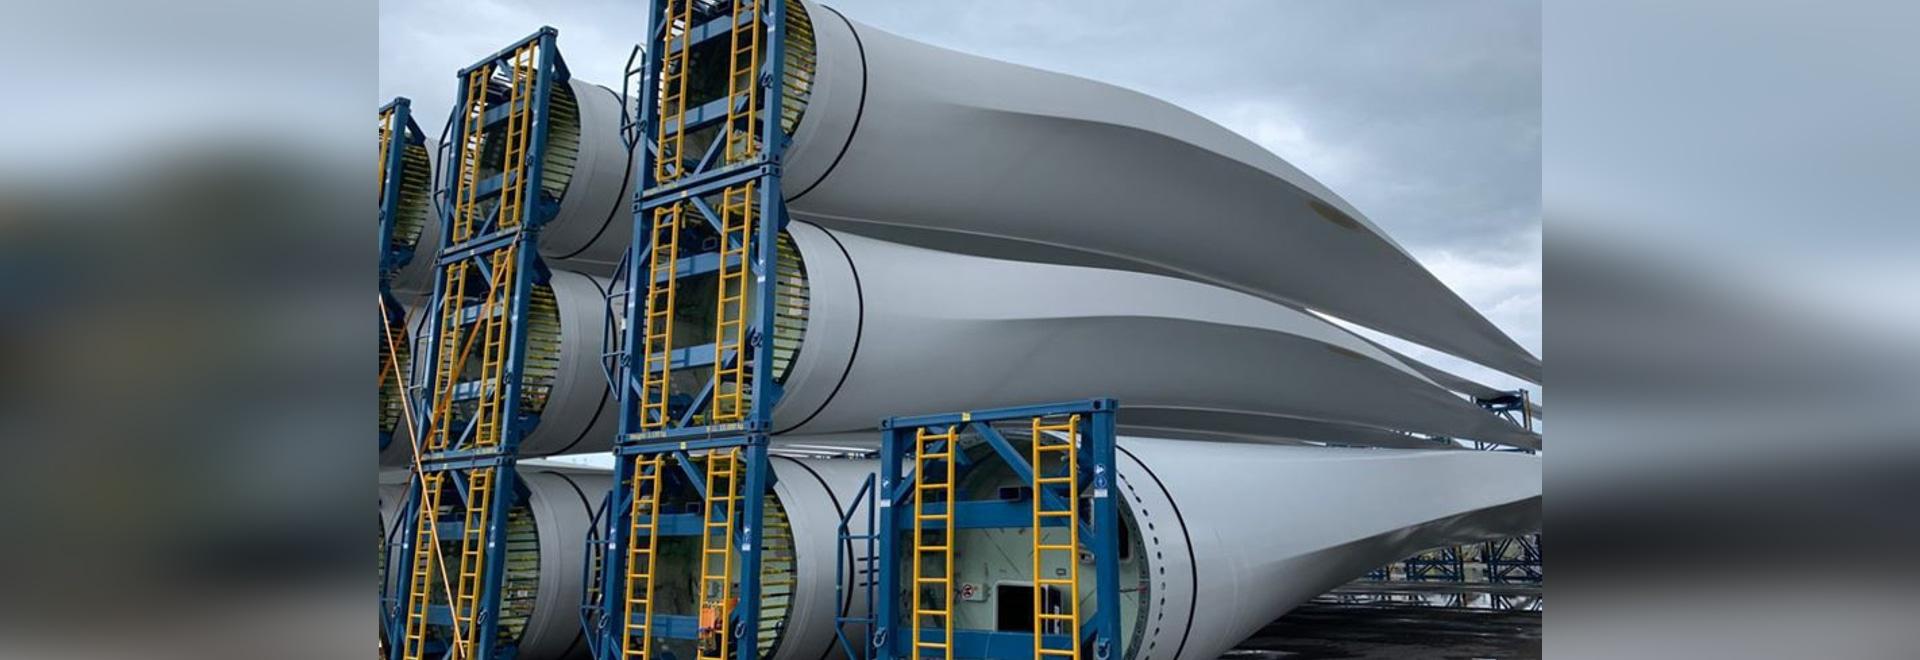 Recycelte Verbundwerkstoffe aus Windturbinenblättern, die für die Zementverarbeitung verwendet werden